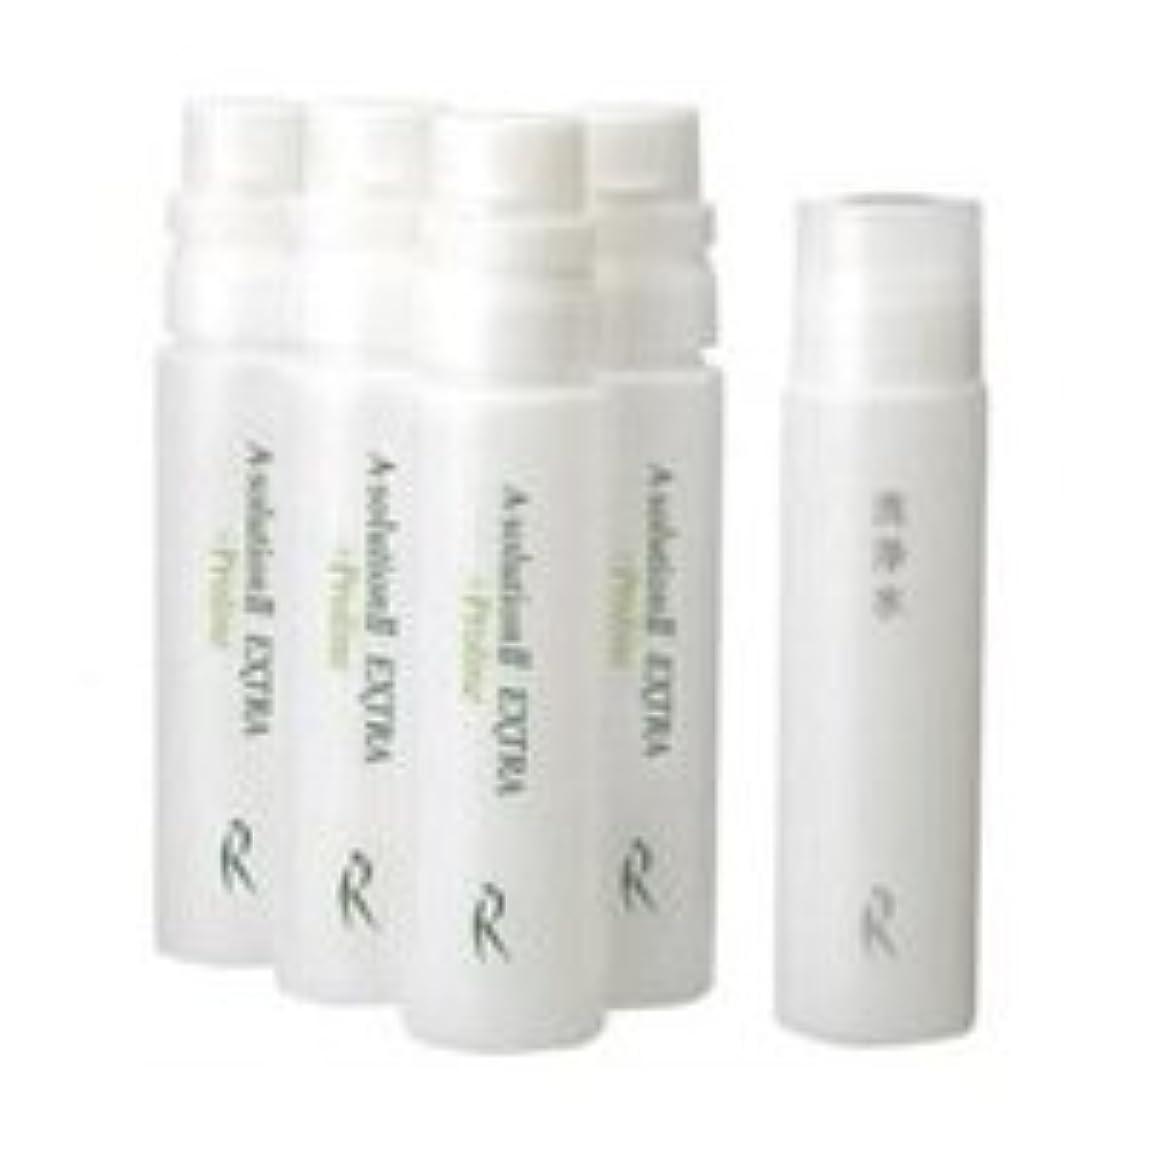 広々とした囚人受動的A-ソリューション エクストラ+プロリン / REVENIR  レブニール プラチナアクイシモ専用美容液